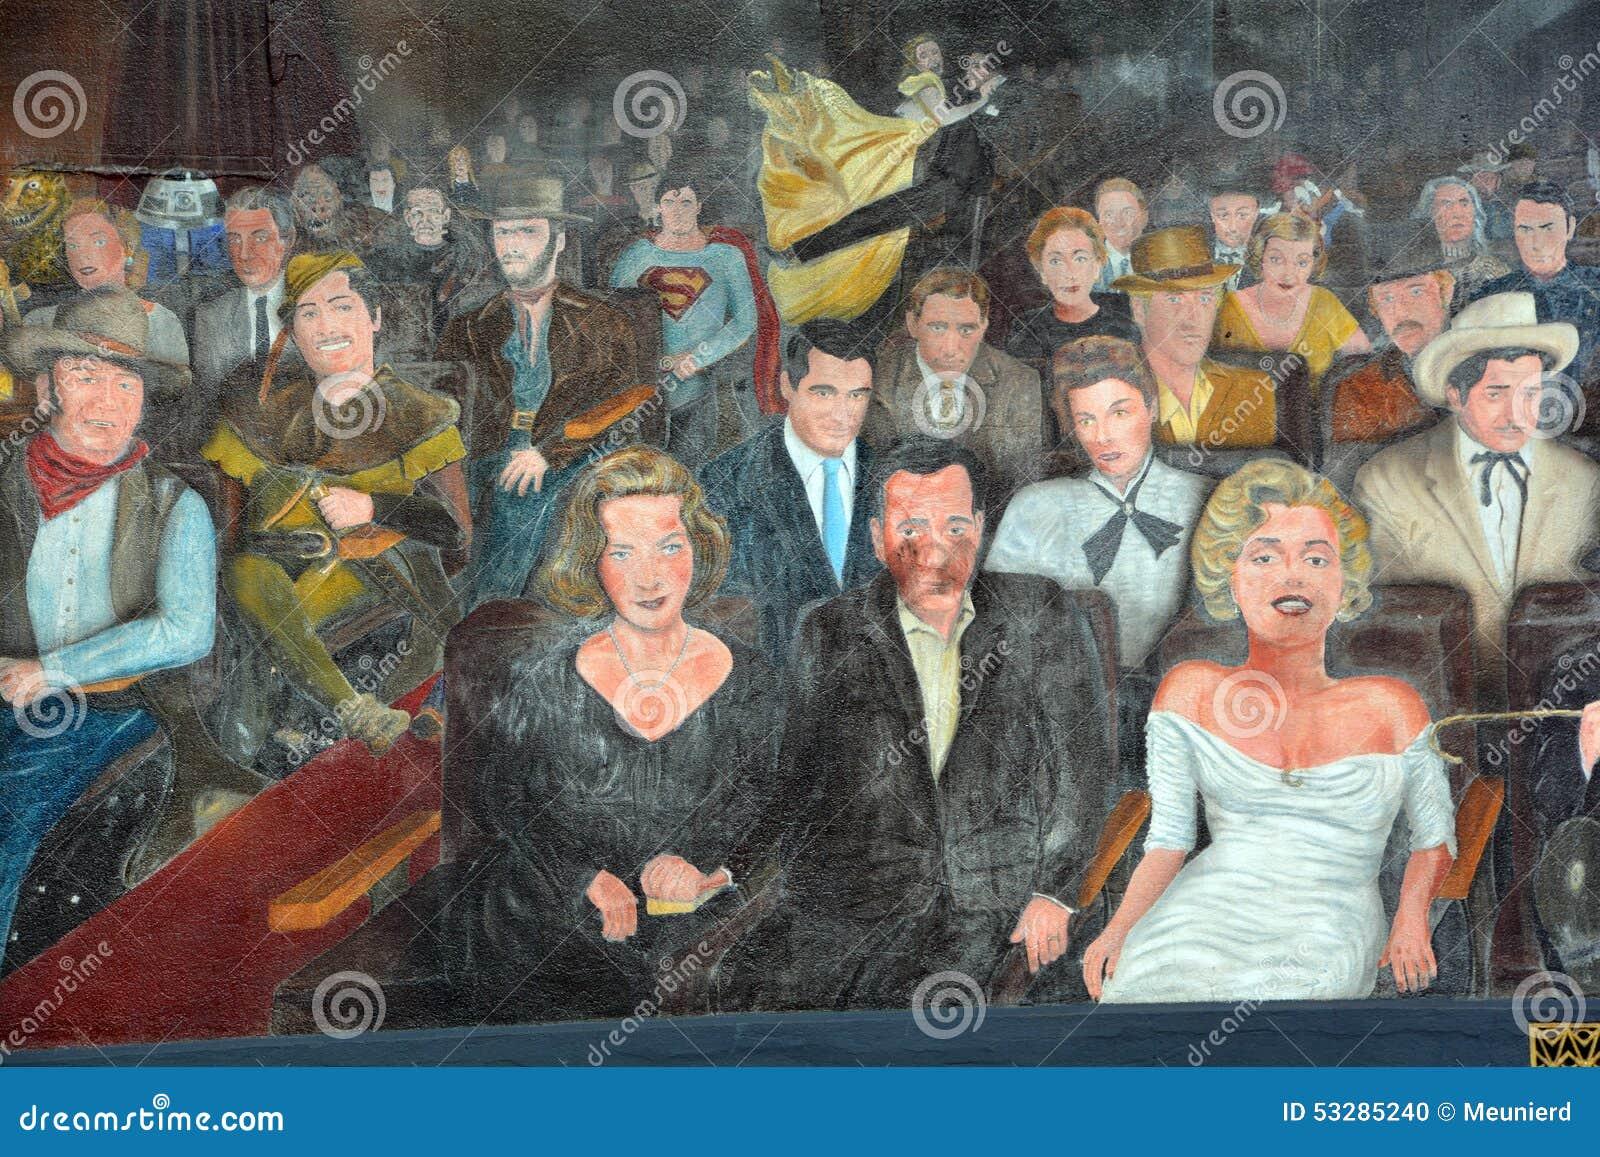 Mural (2011) - IMDb